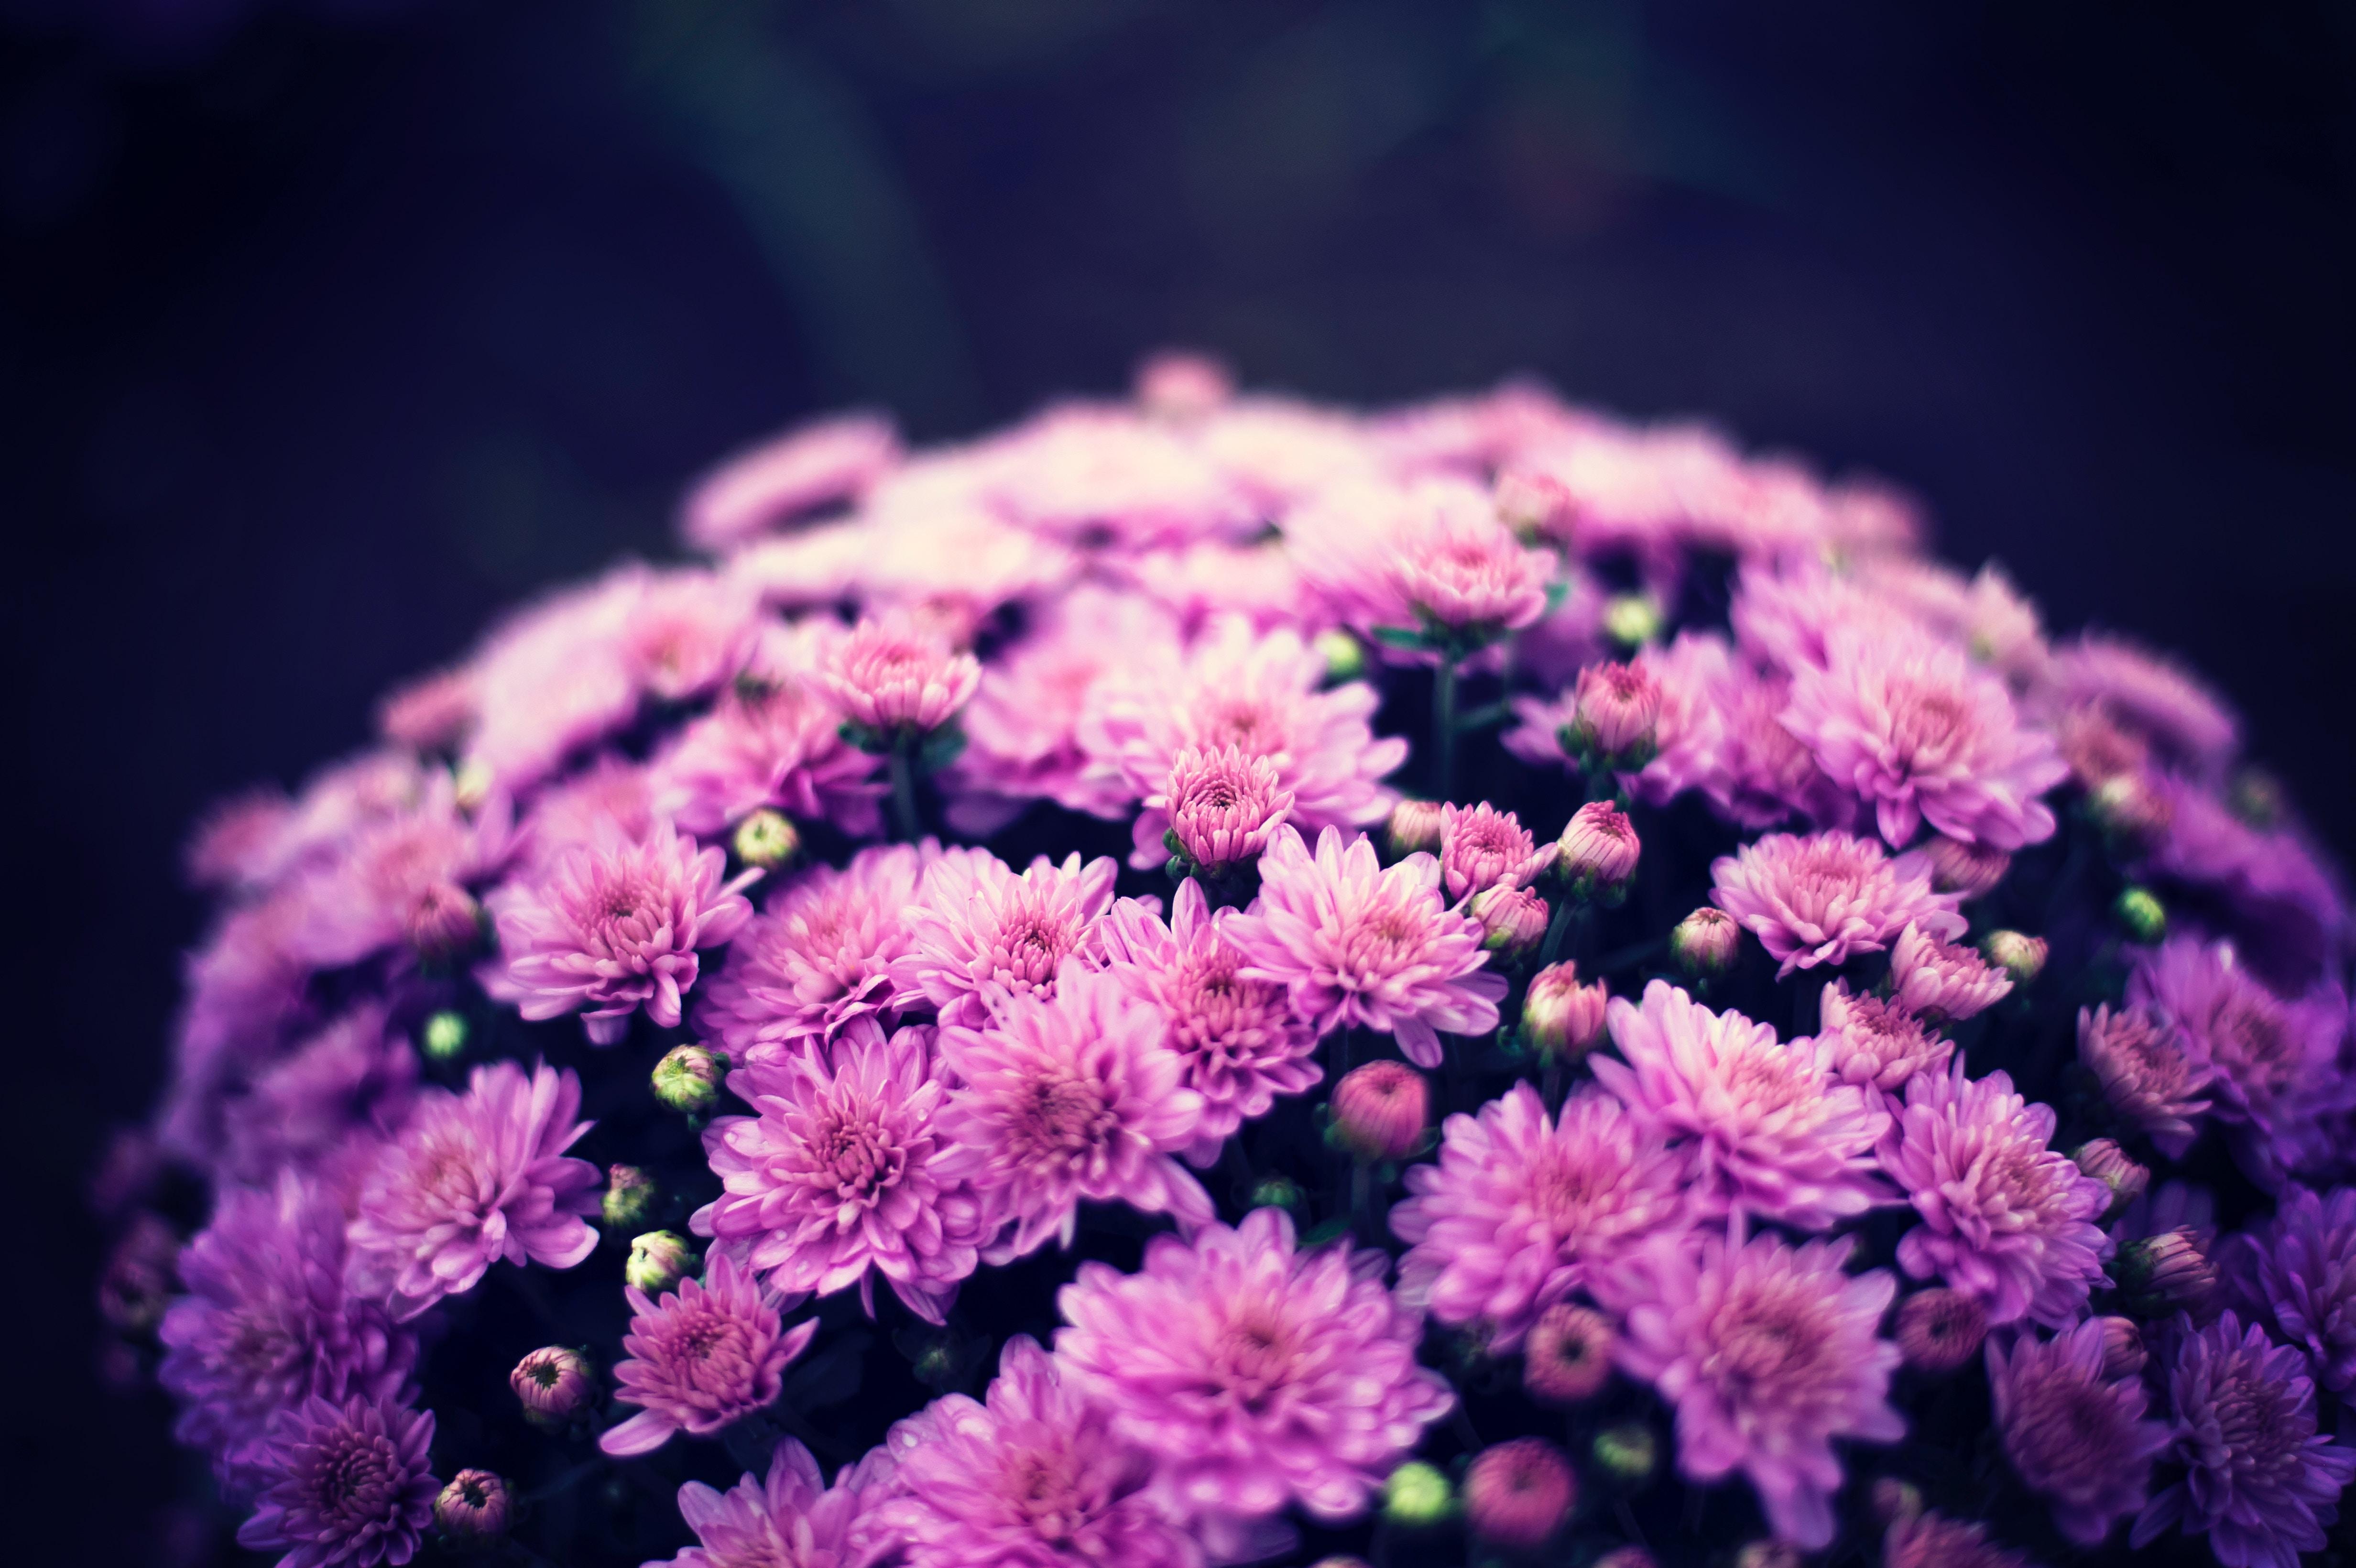 78053 скачать обои Цветы, Букет, Пурпурный, Цветение, Хризантемы - заставки и картинки бесплатно